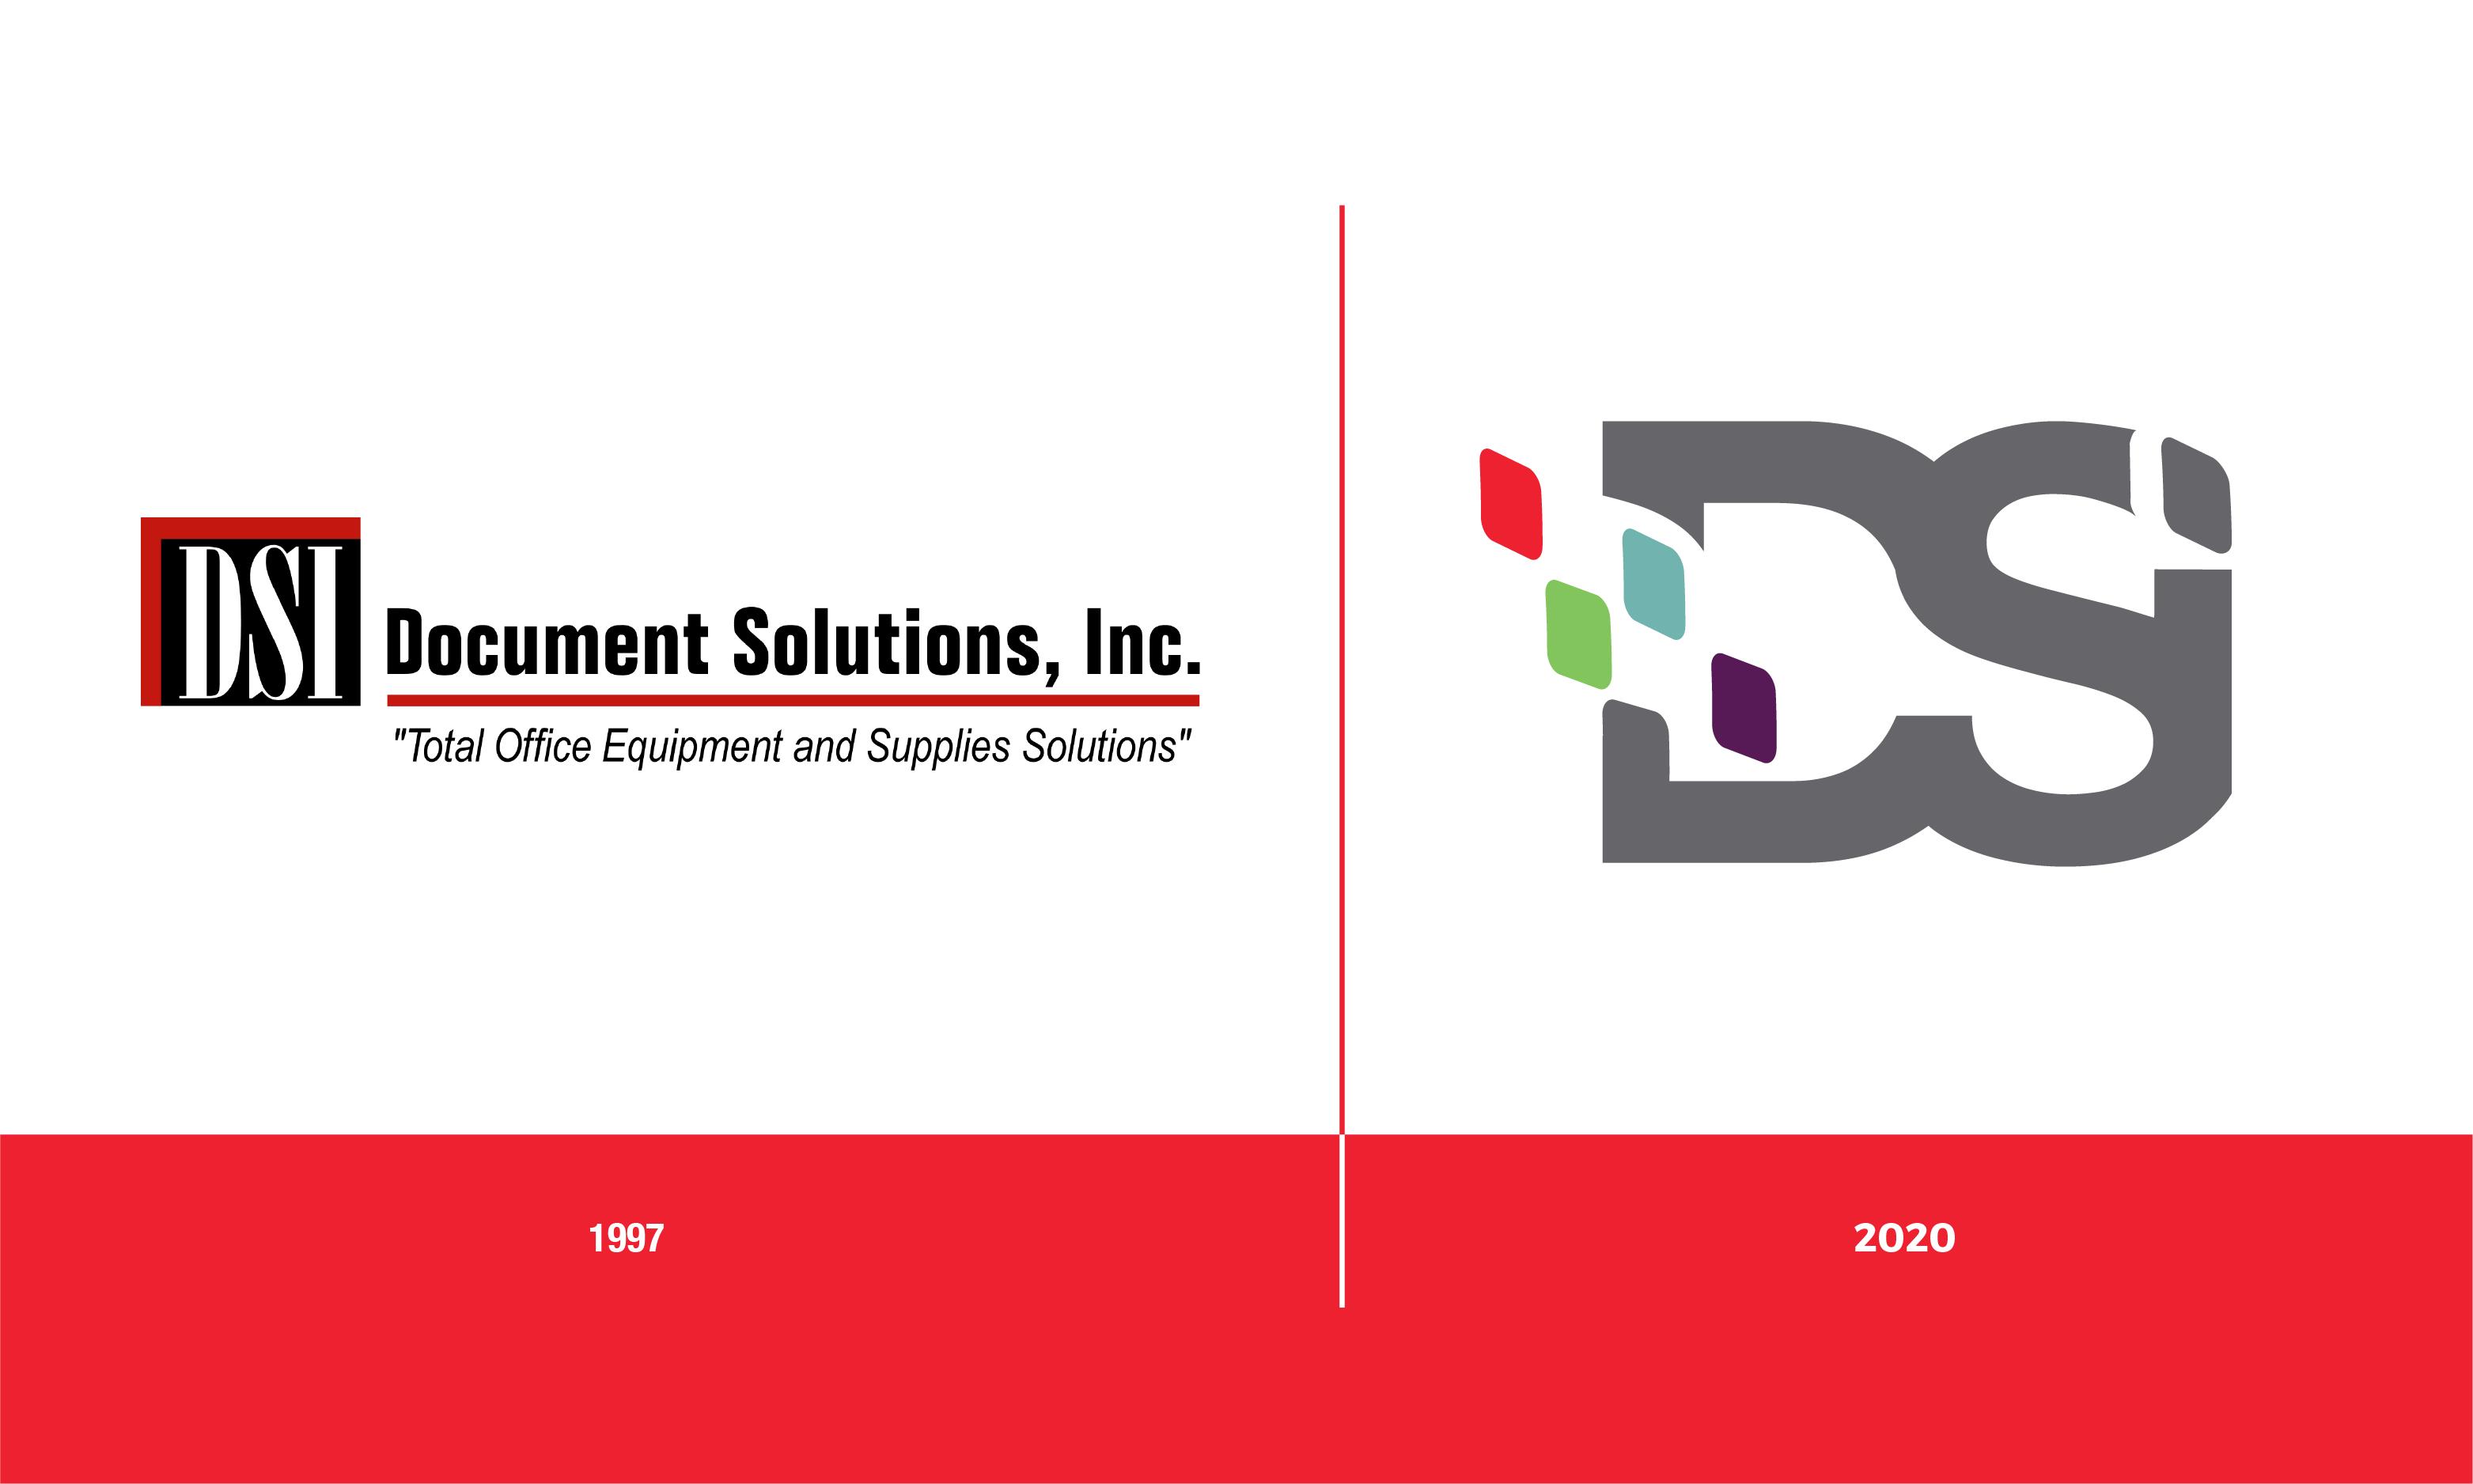 Image of two DSI logos